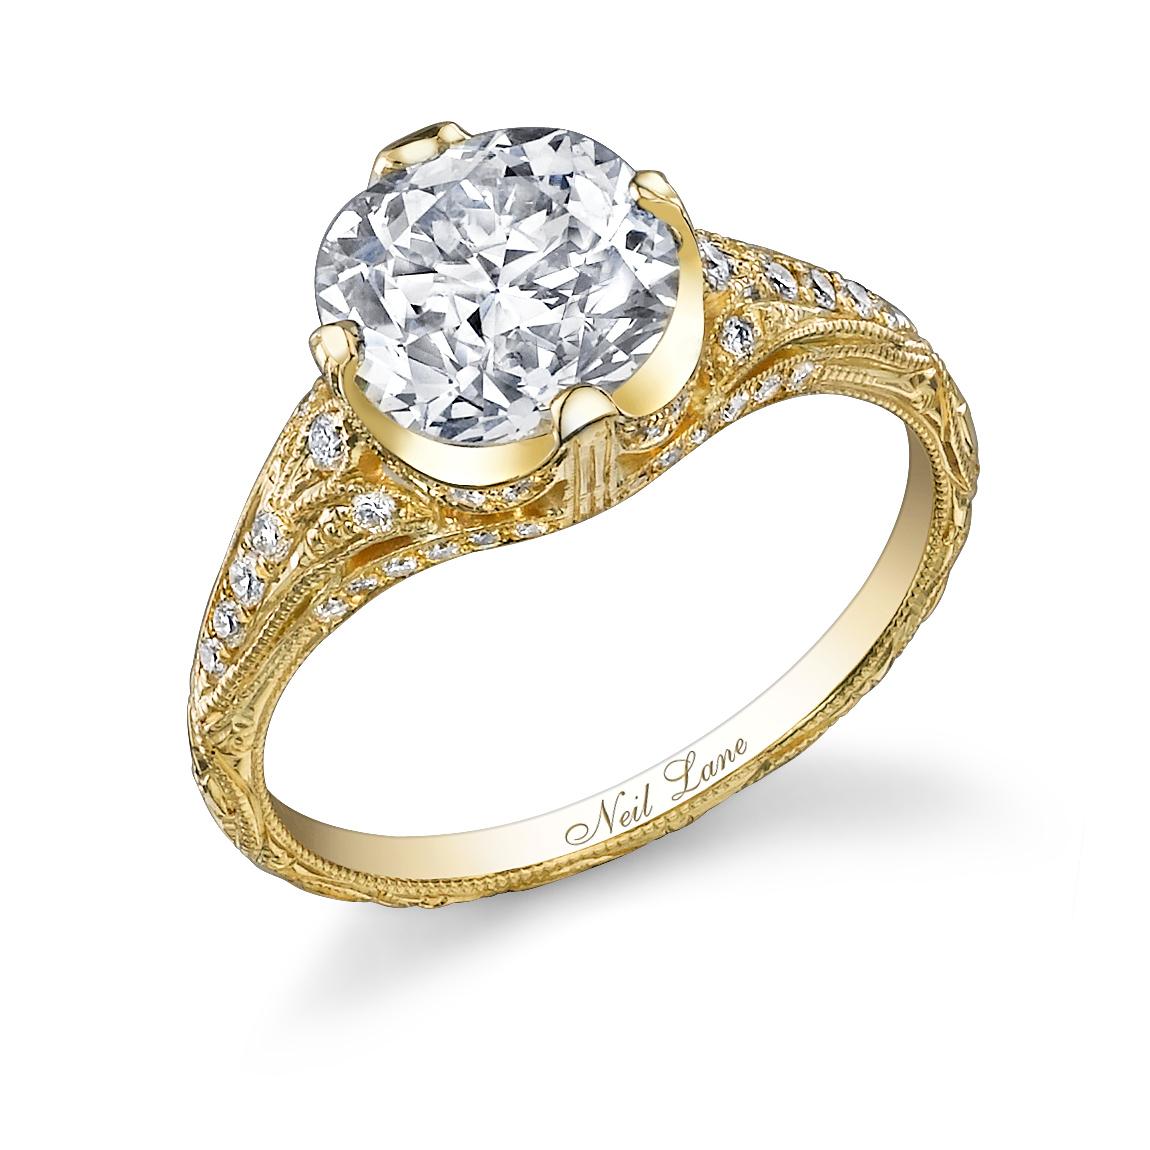 neil lane engagement rings celebrities neil lane wedding rings Neil Lane Shares the Stories Behind Your Favorite Celebrity Engagement Rings Racked